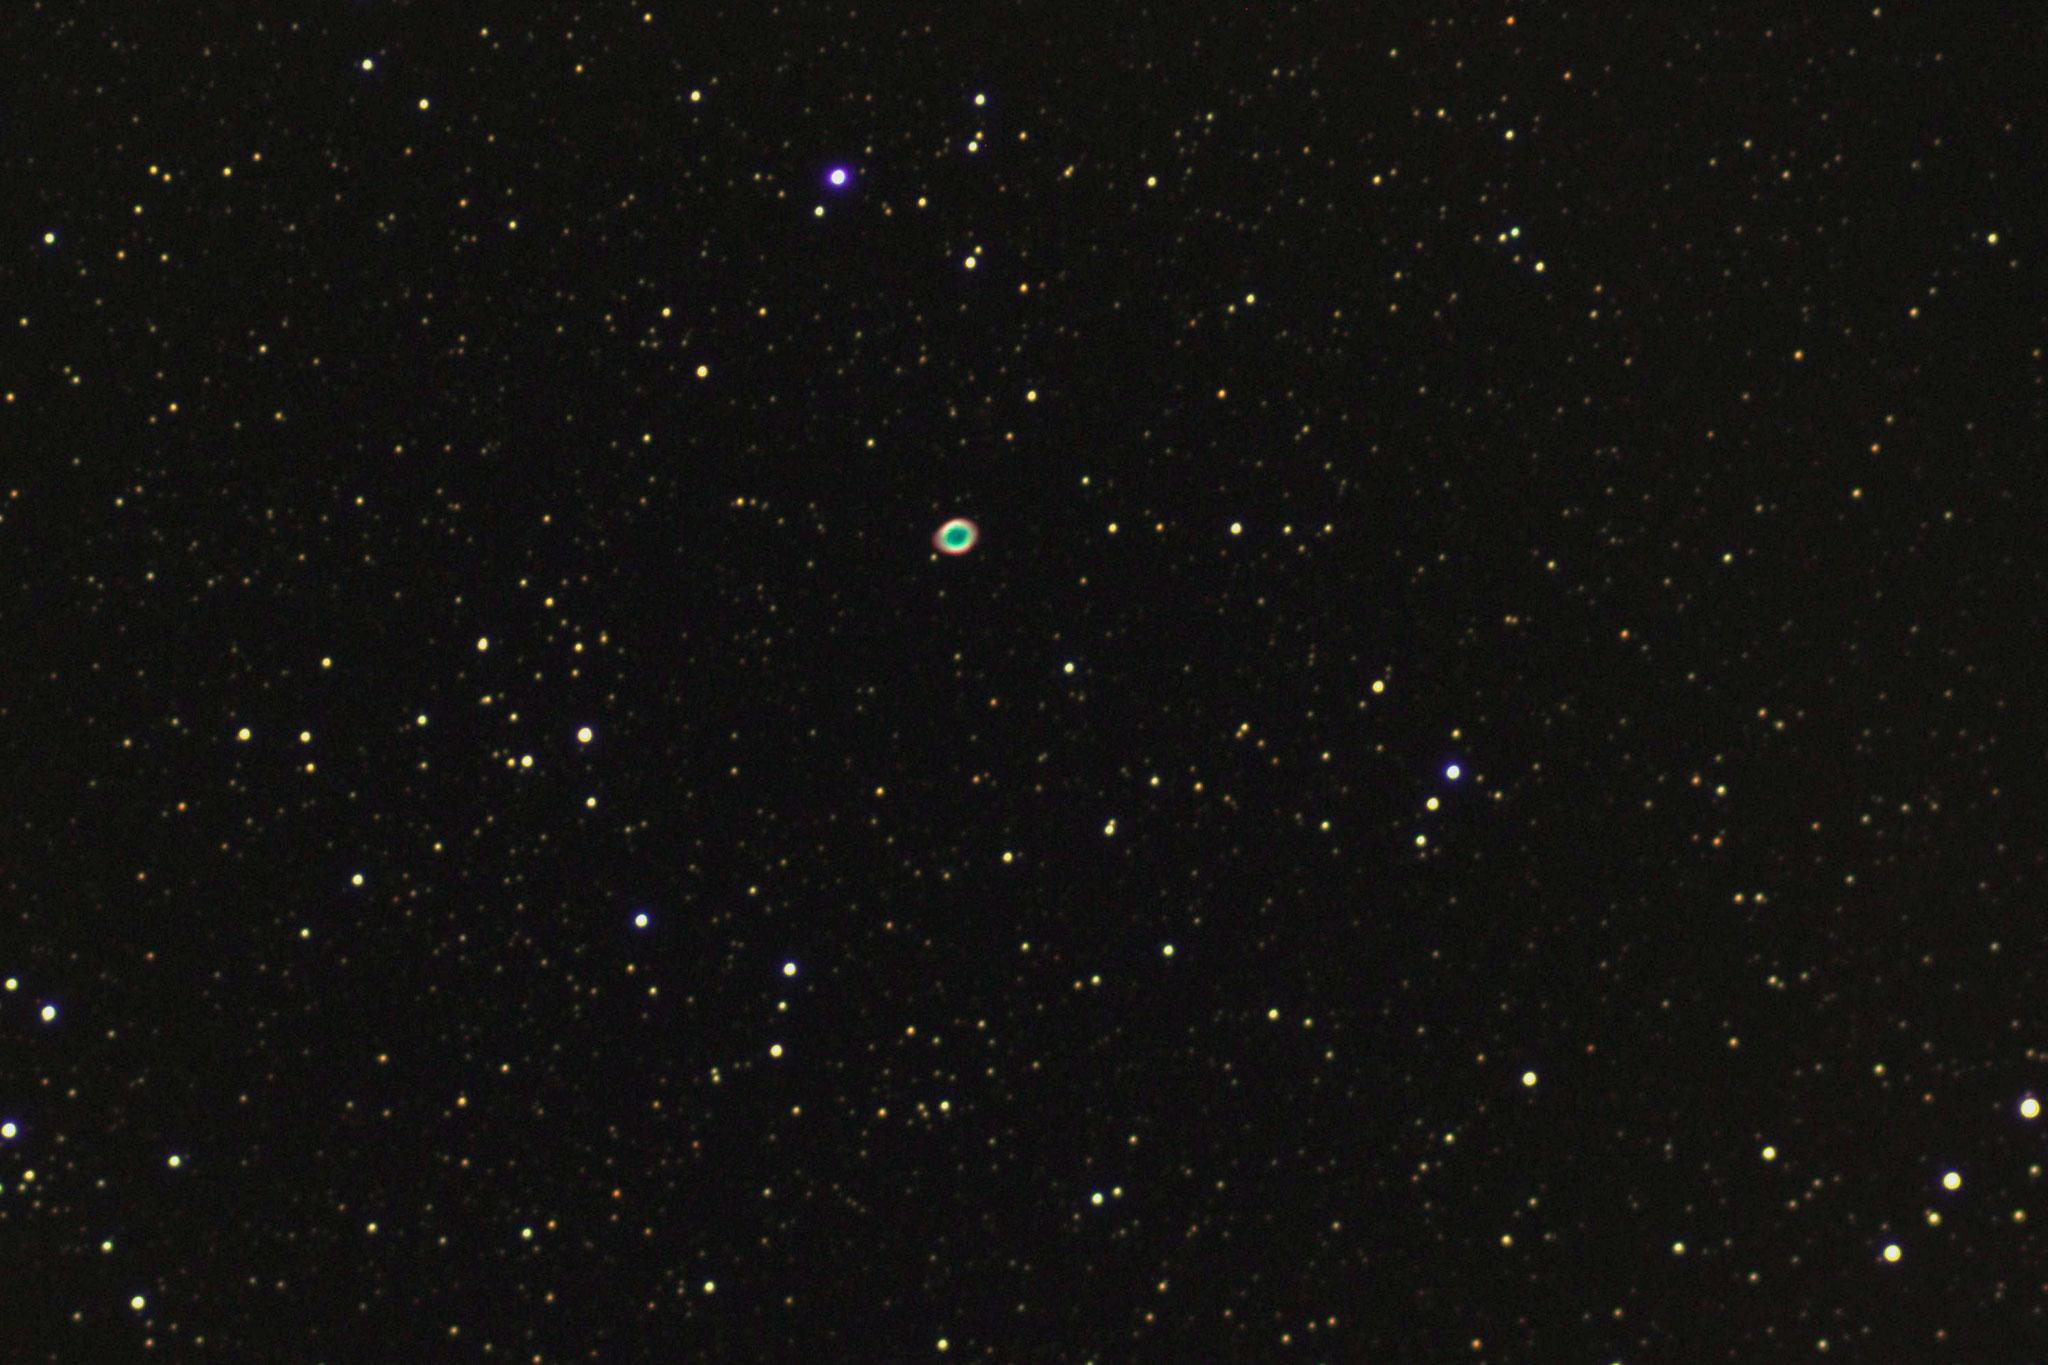 Anneau de la Lyre - M57 (28 poses 20 s à 800 iso - Loïc THULLIEZ- lunette achromatique 150/750 / HEQ5 motorisée non guidée/APN pentax K50  - traitement iris/lightroom)